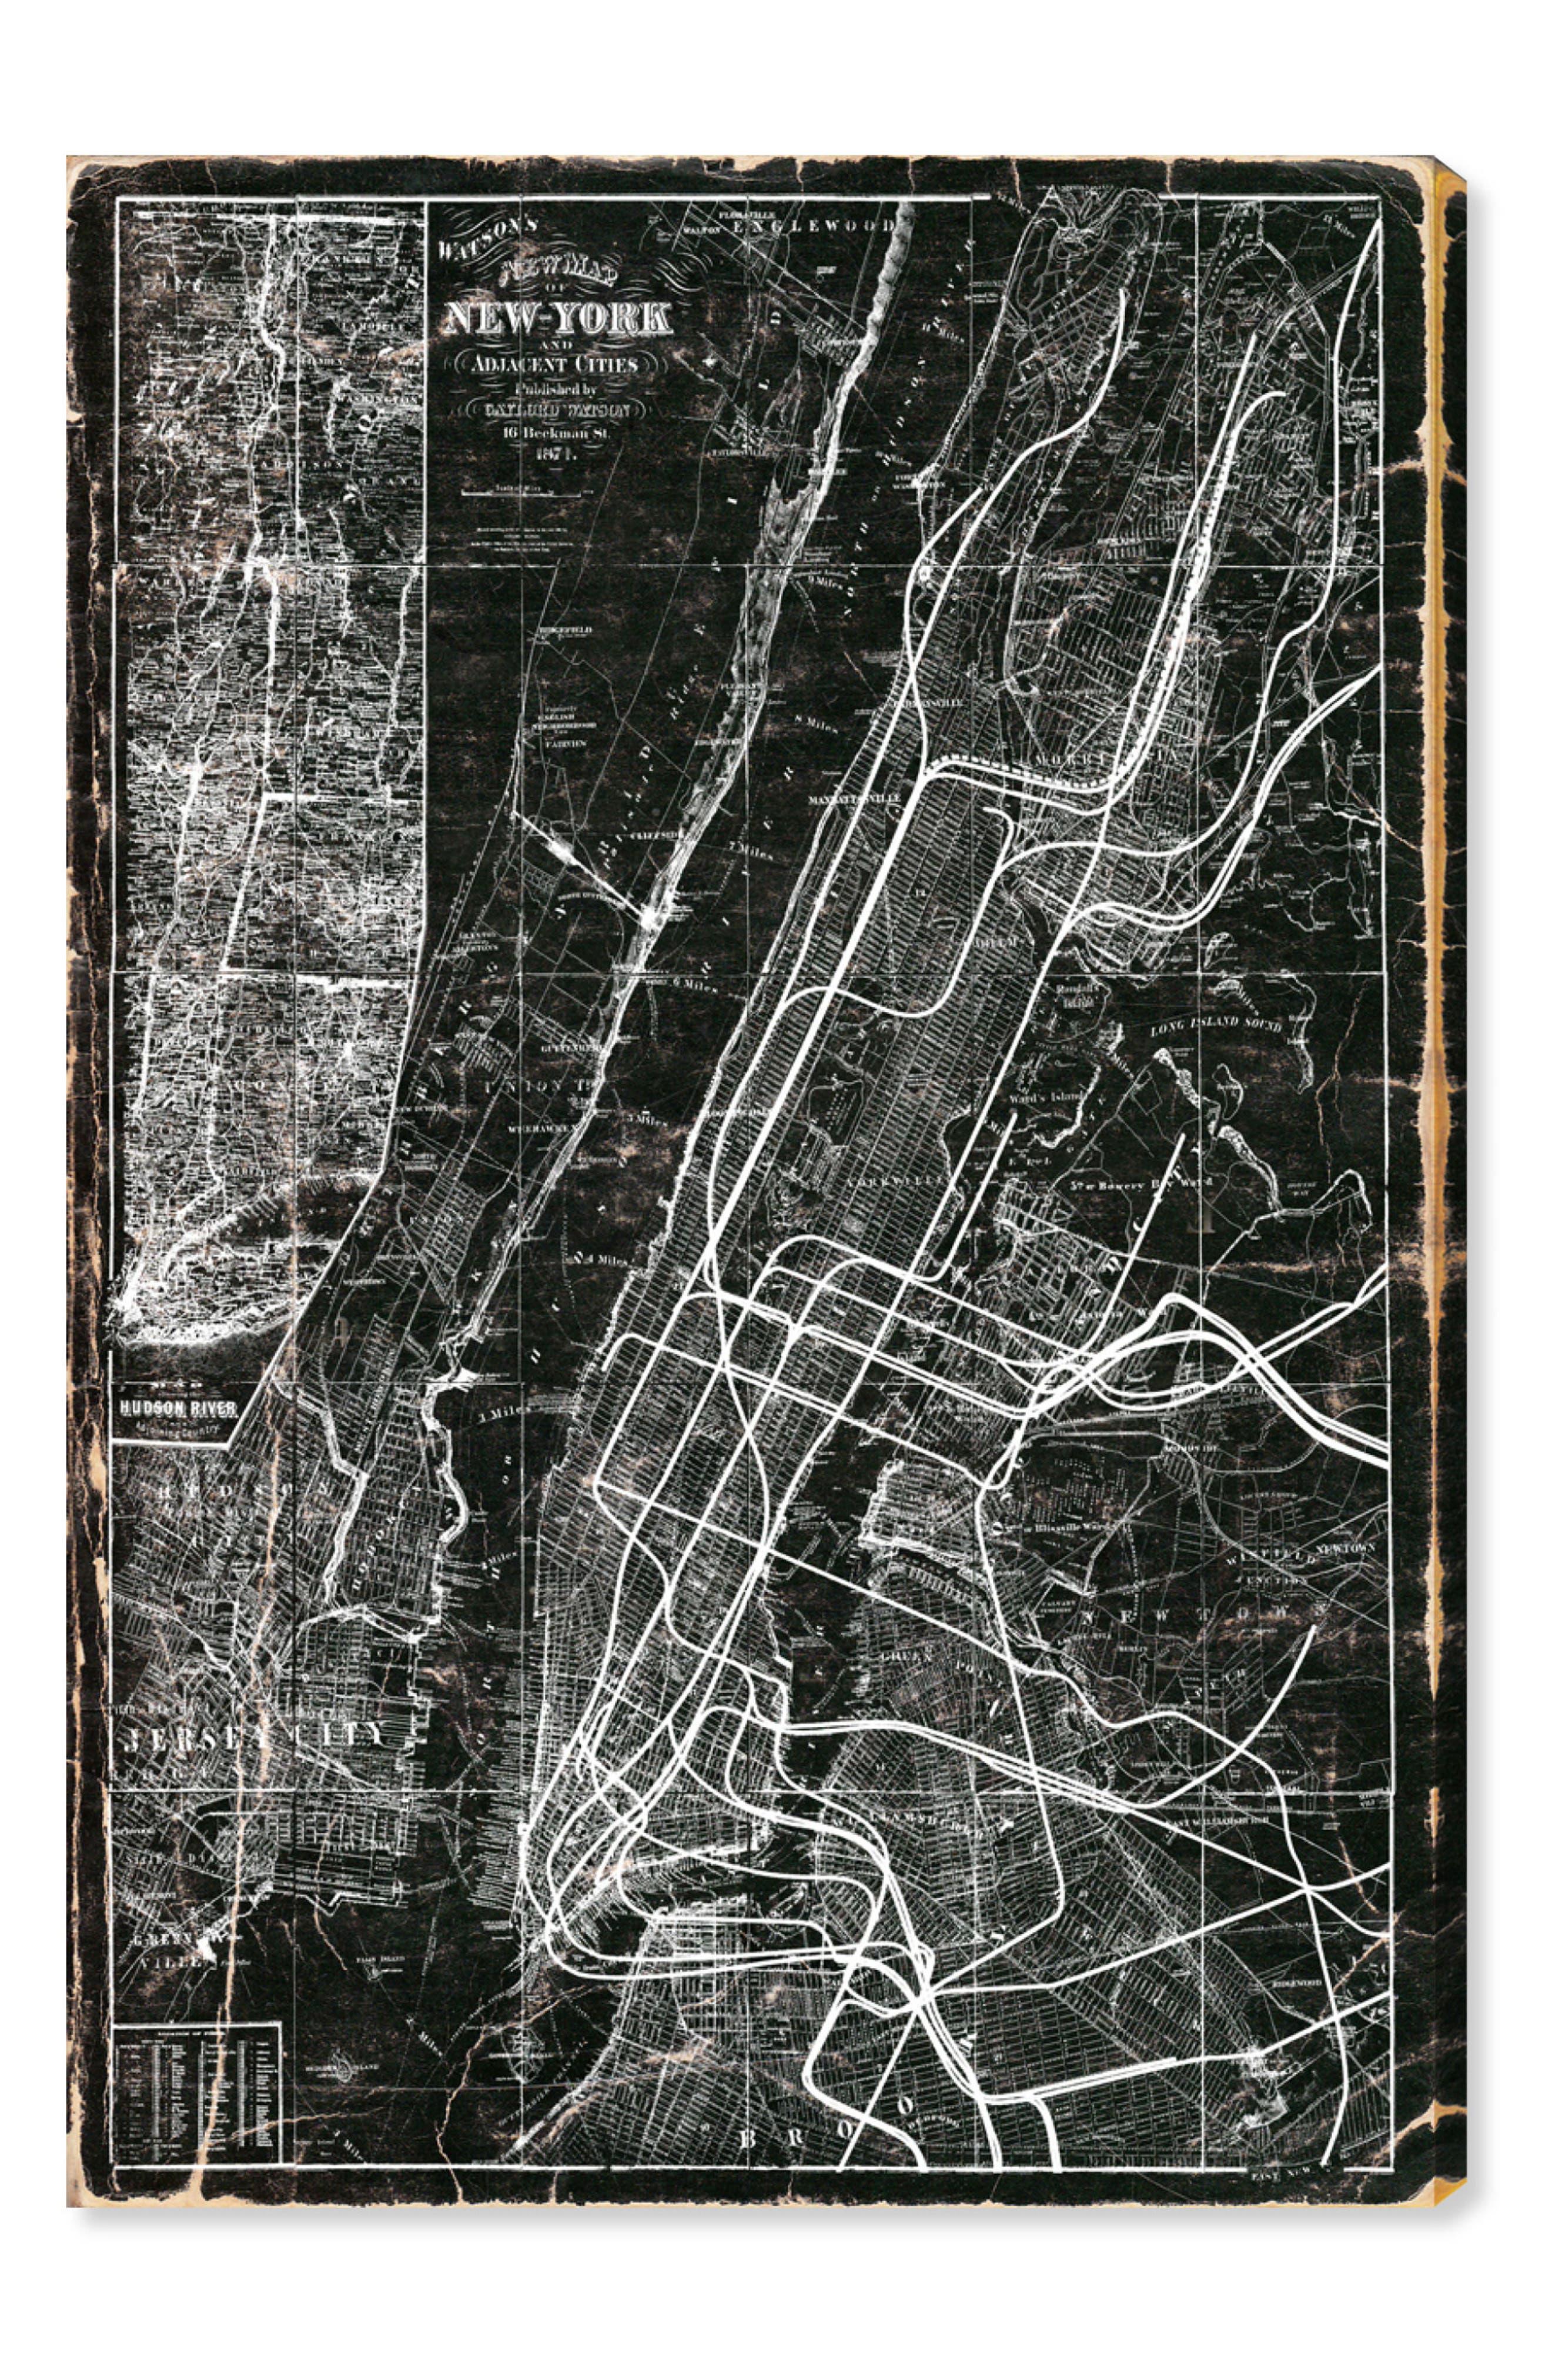 New York Subway Map Canvas Wall Art,                             Main thumbnail 1, color,                             001